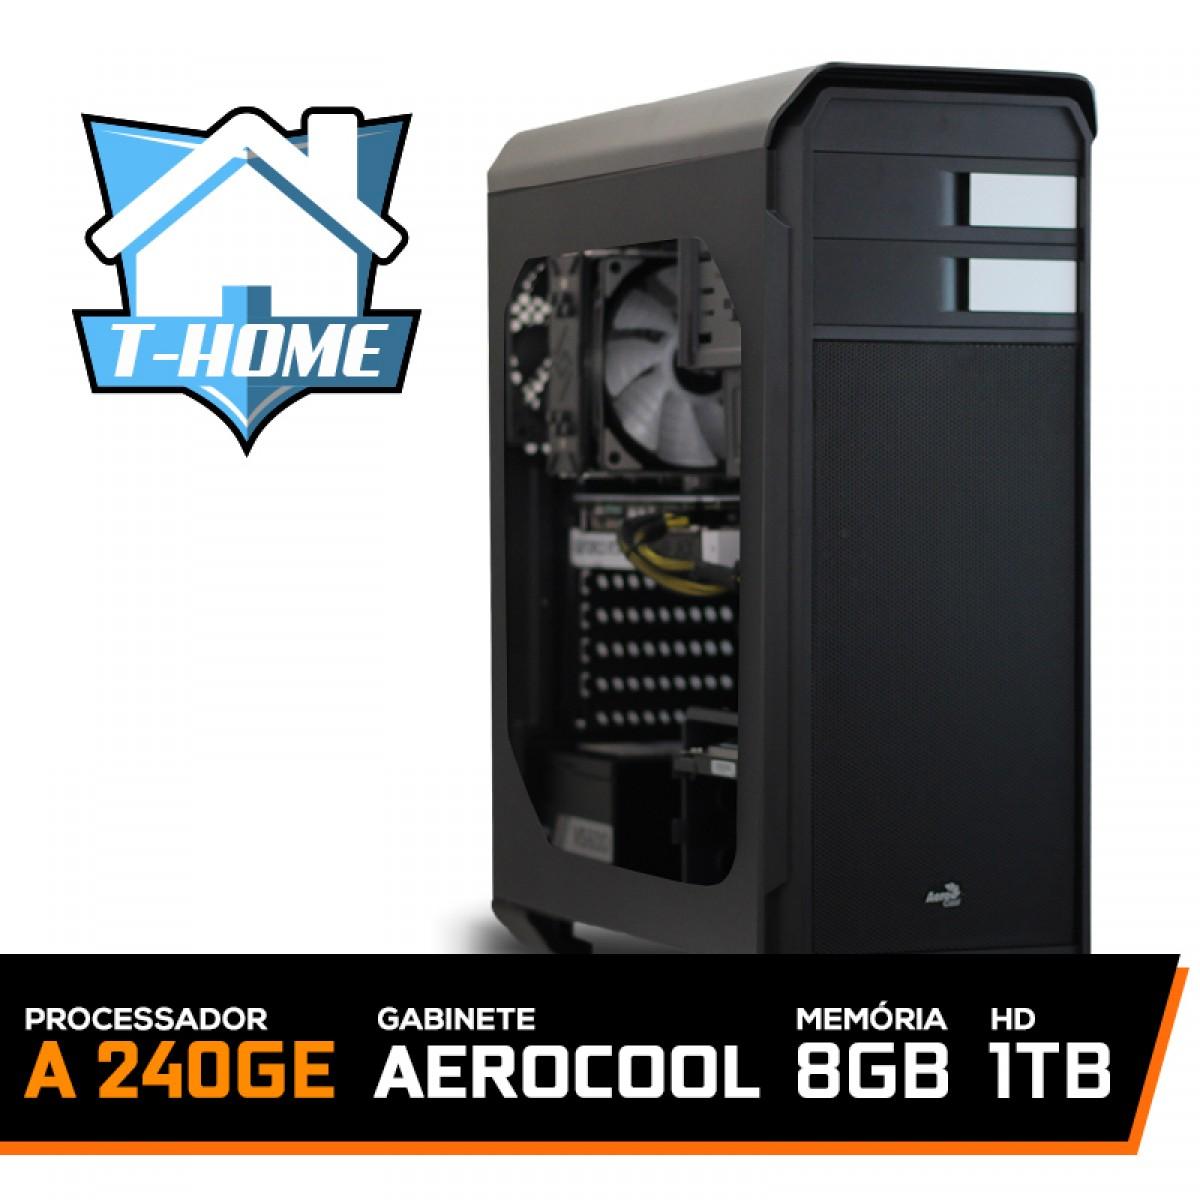 Computador T-home Amd Athlon 240ge 3.5ghz 5mb / 8gb Ddr4 / Hd 1tb